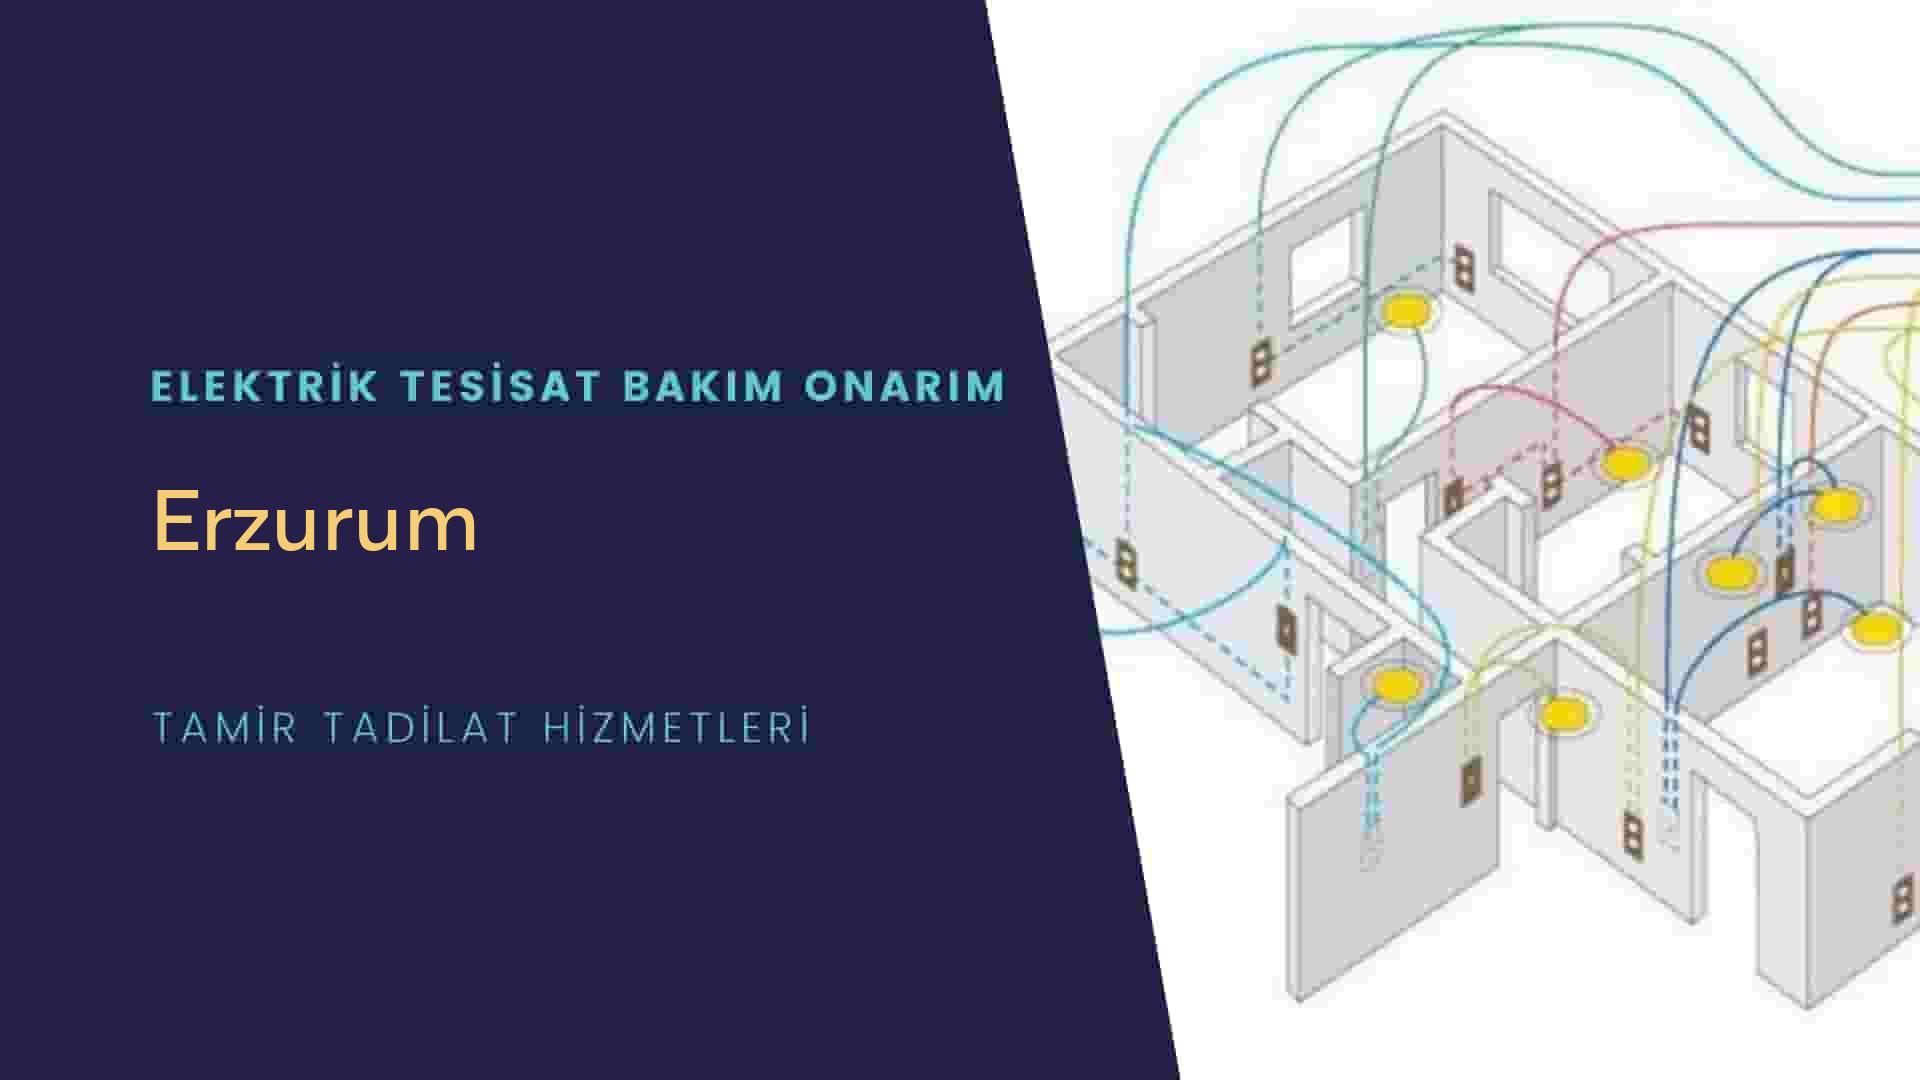 Erzurum'da elektrik tesisatıustalarımı arıyorsunuz doğru adrestenizi Erzurum elektrik tesisatı ustalarımız 7/24 sizlere hizmet vermekten mutluluk duyar.